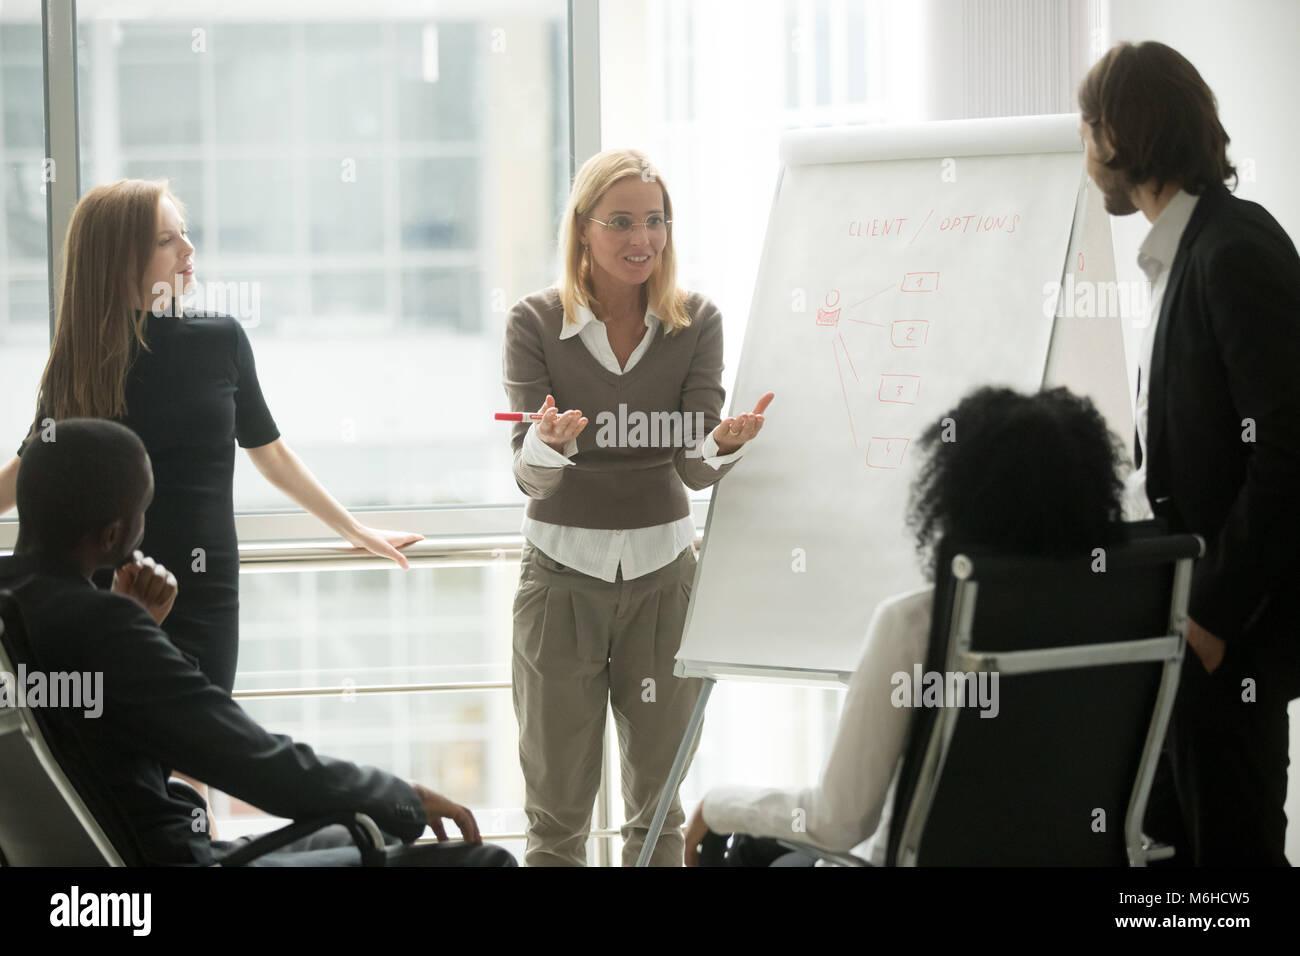 Femmina di team leader o business coach dando la presentazione a empl Immagini Stock